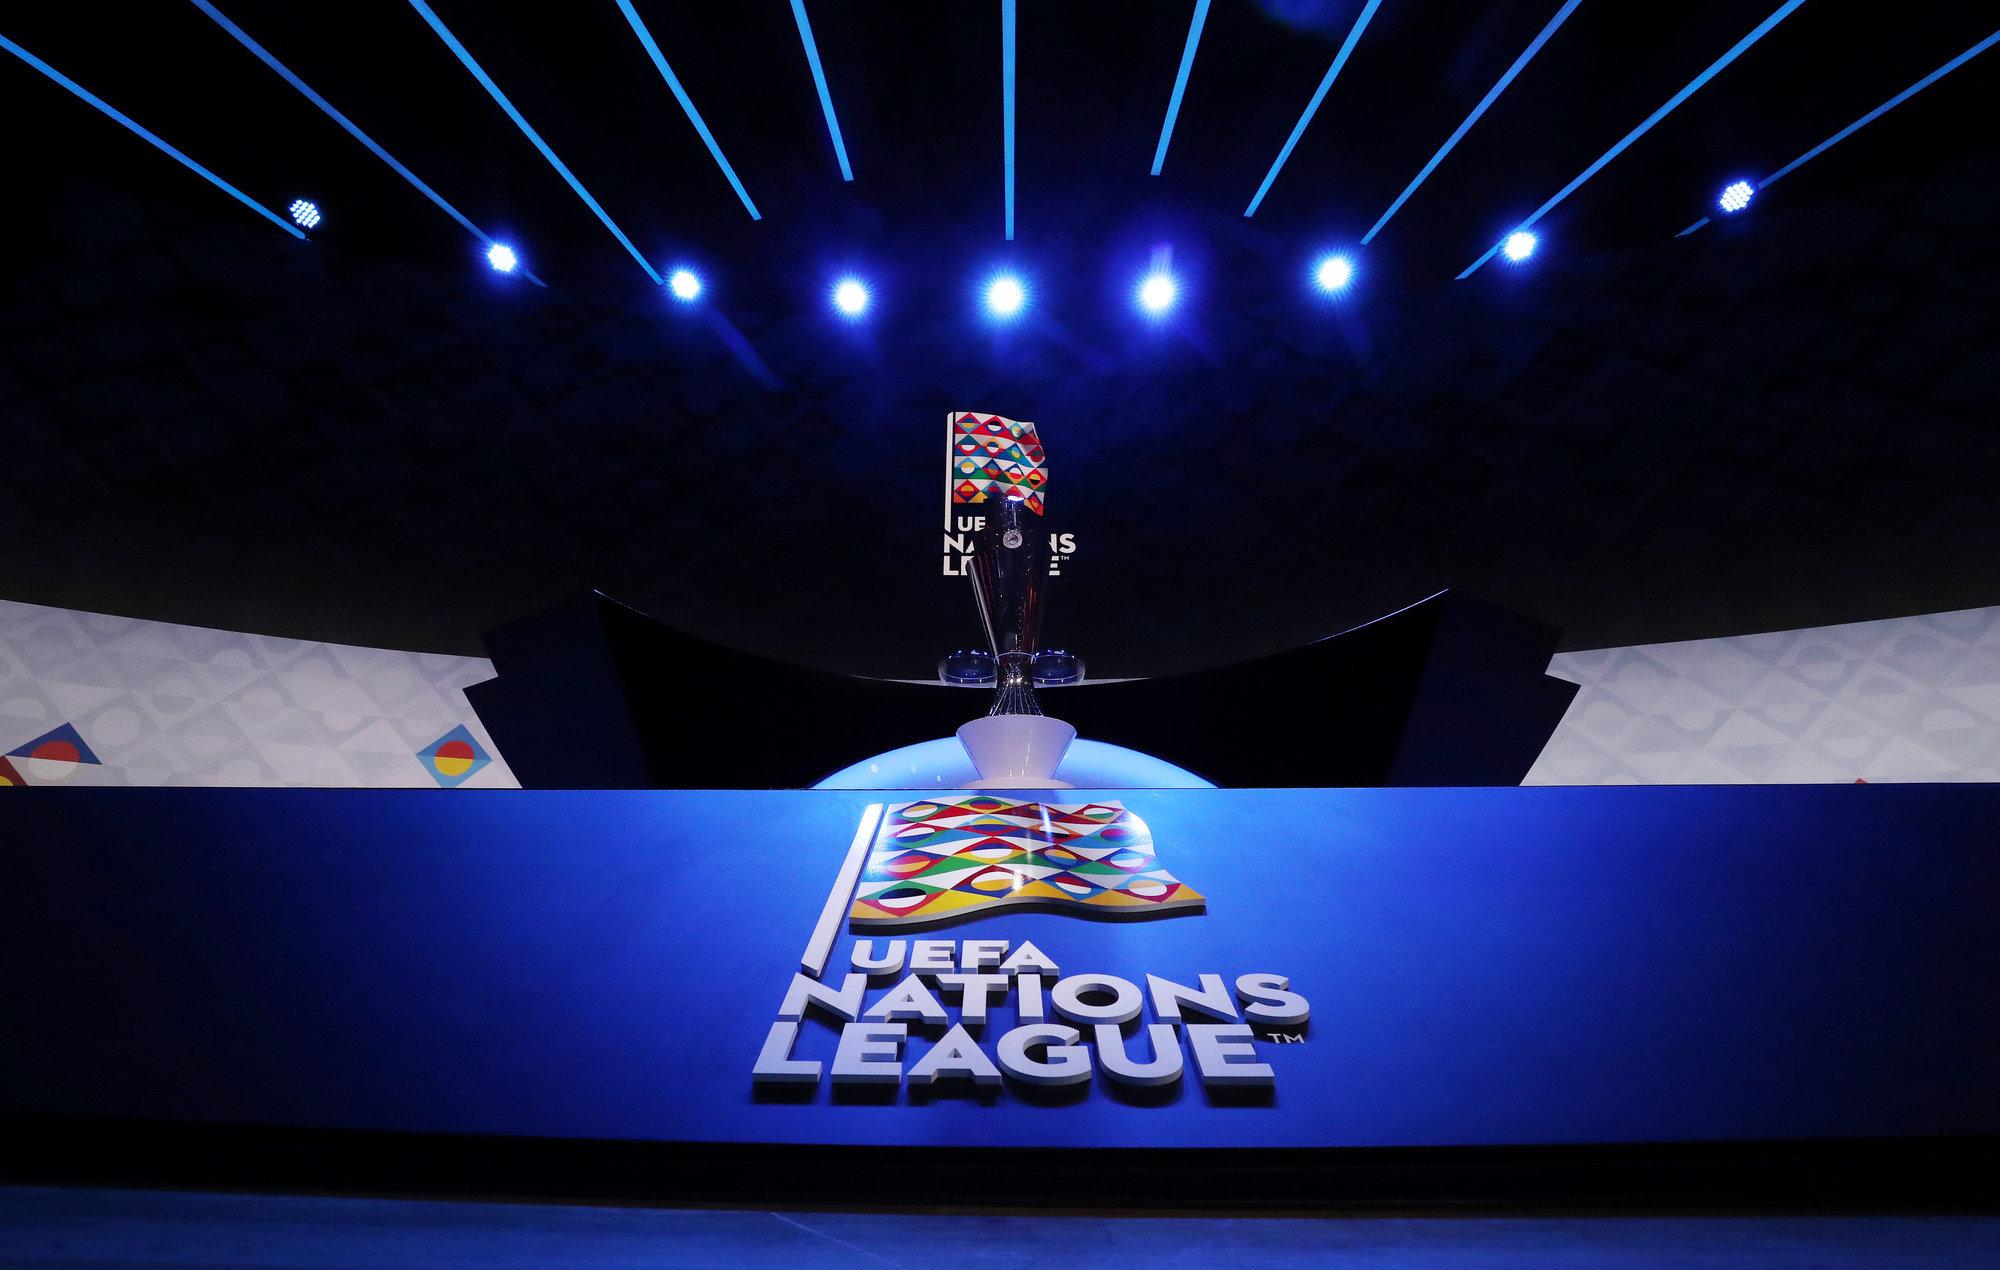 проект создания лиги наций был связан